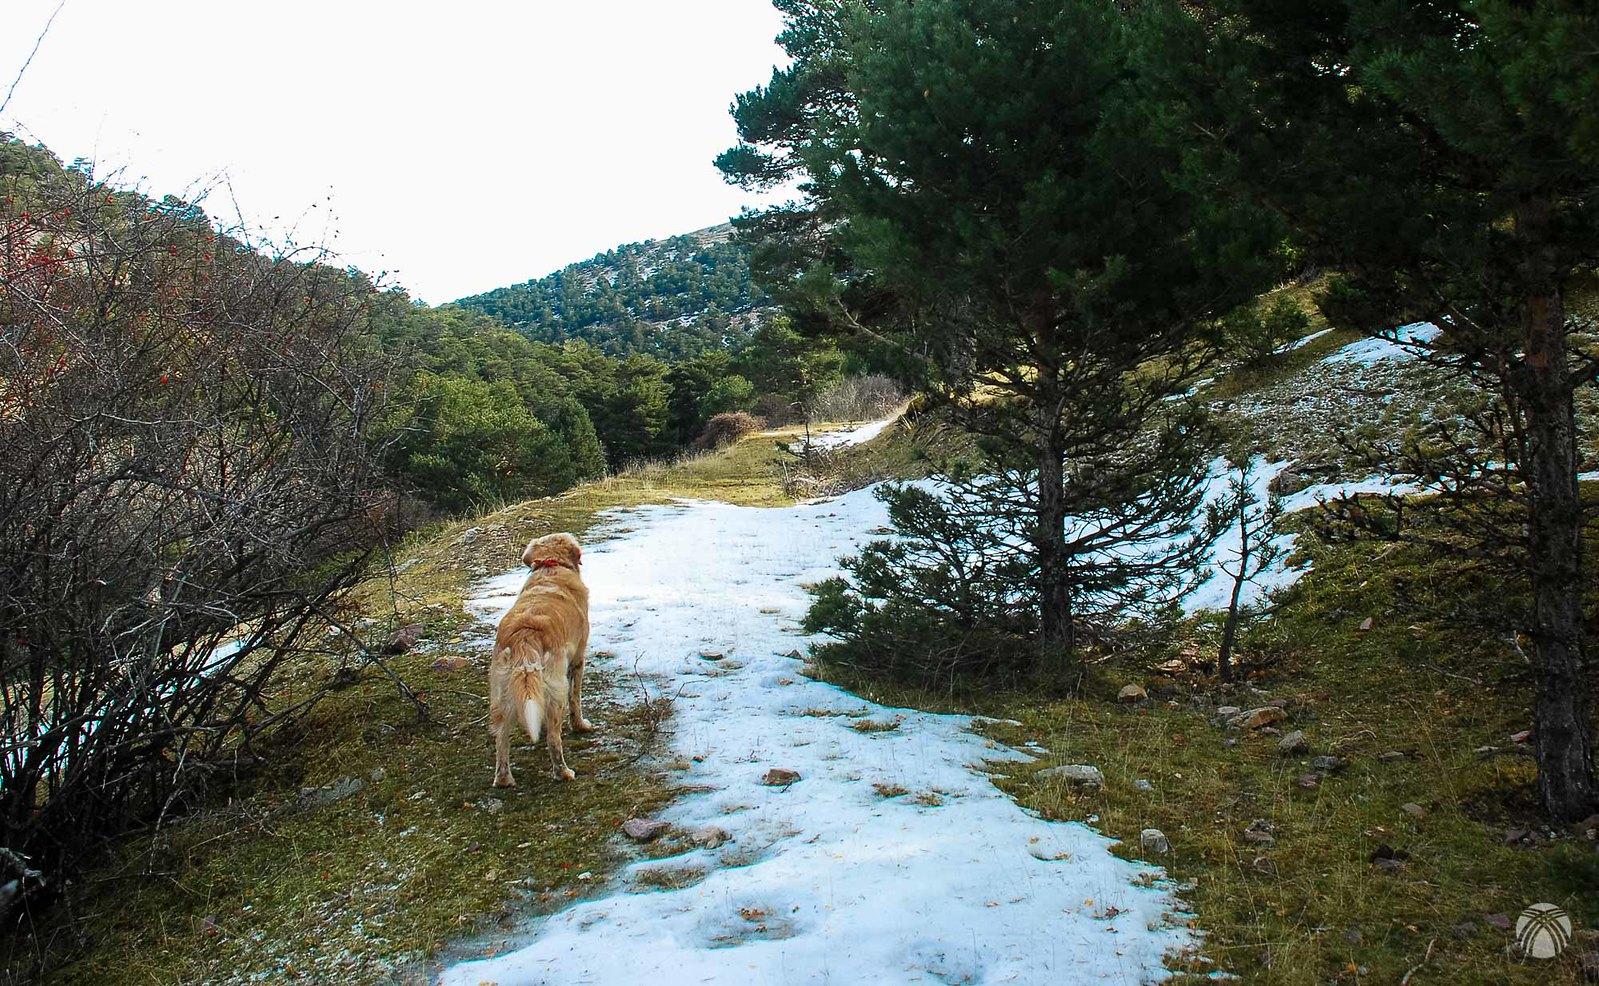 Conforme subimos, más nieve